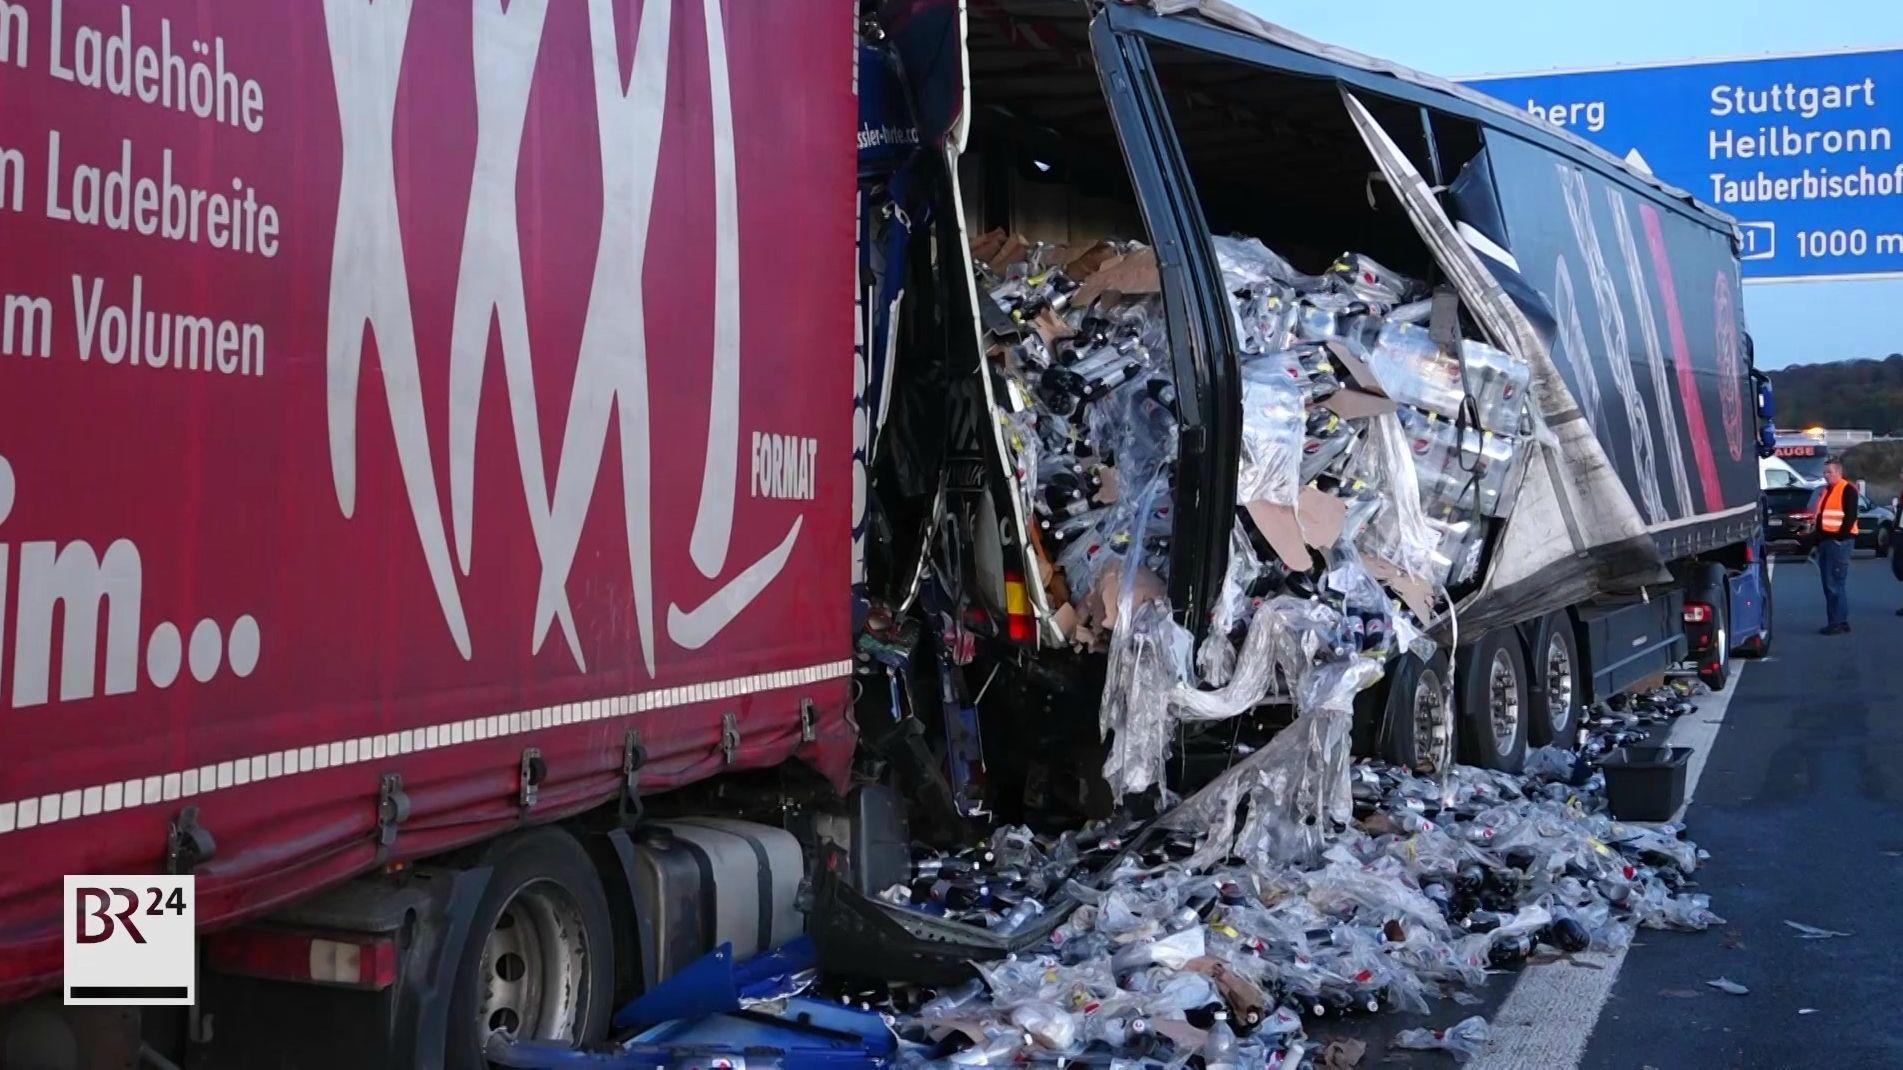 Zwei demolierte Sattelzüge stehen auf einer Autobahn.